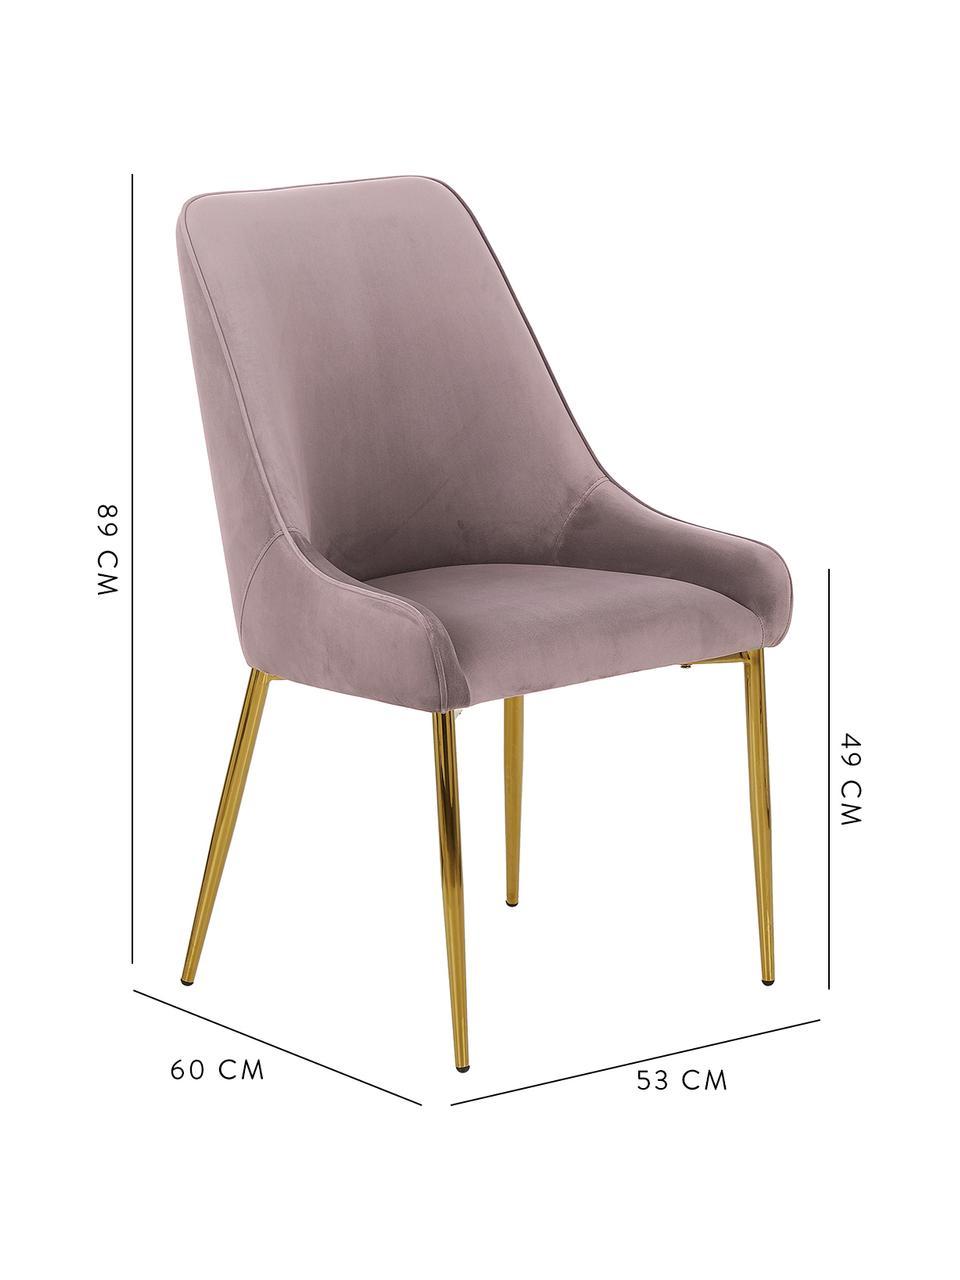 Samt-Polsterstuhl Ava mit goldfarbenen Beinen, Bezug: Samt (100% Polyester) Der, Beine: Metall, galvanisiert, Samt Mauve, B 53 x T 60 cm